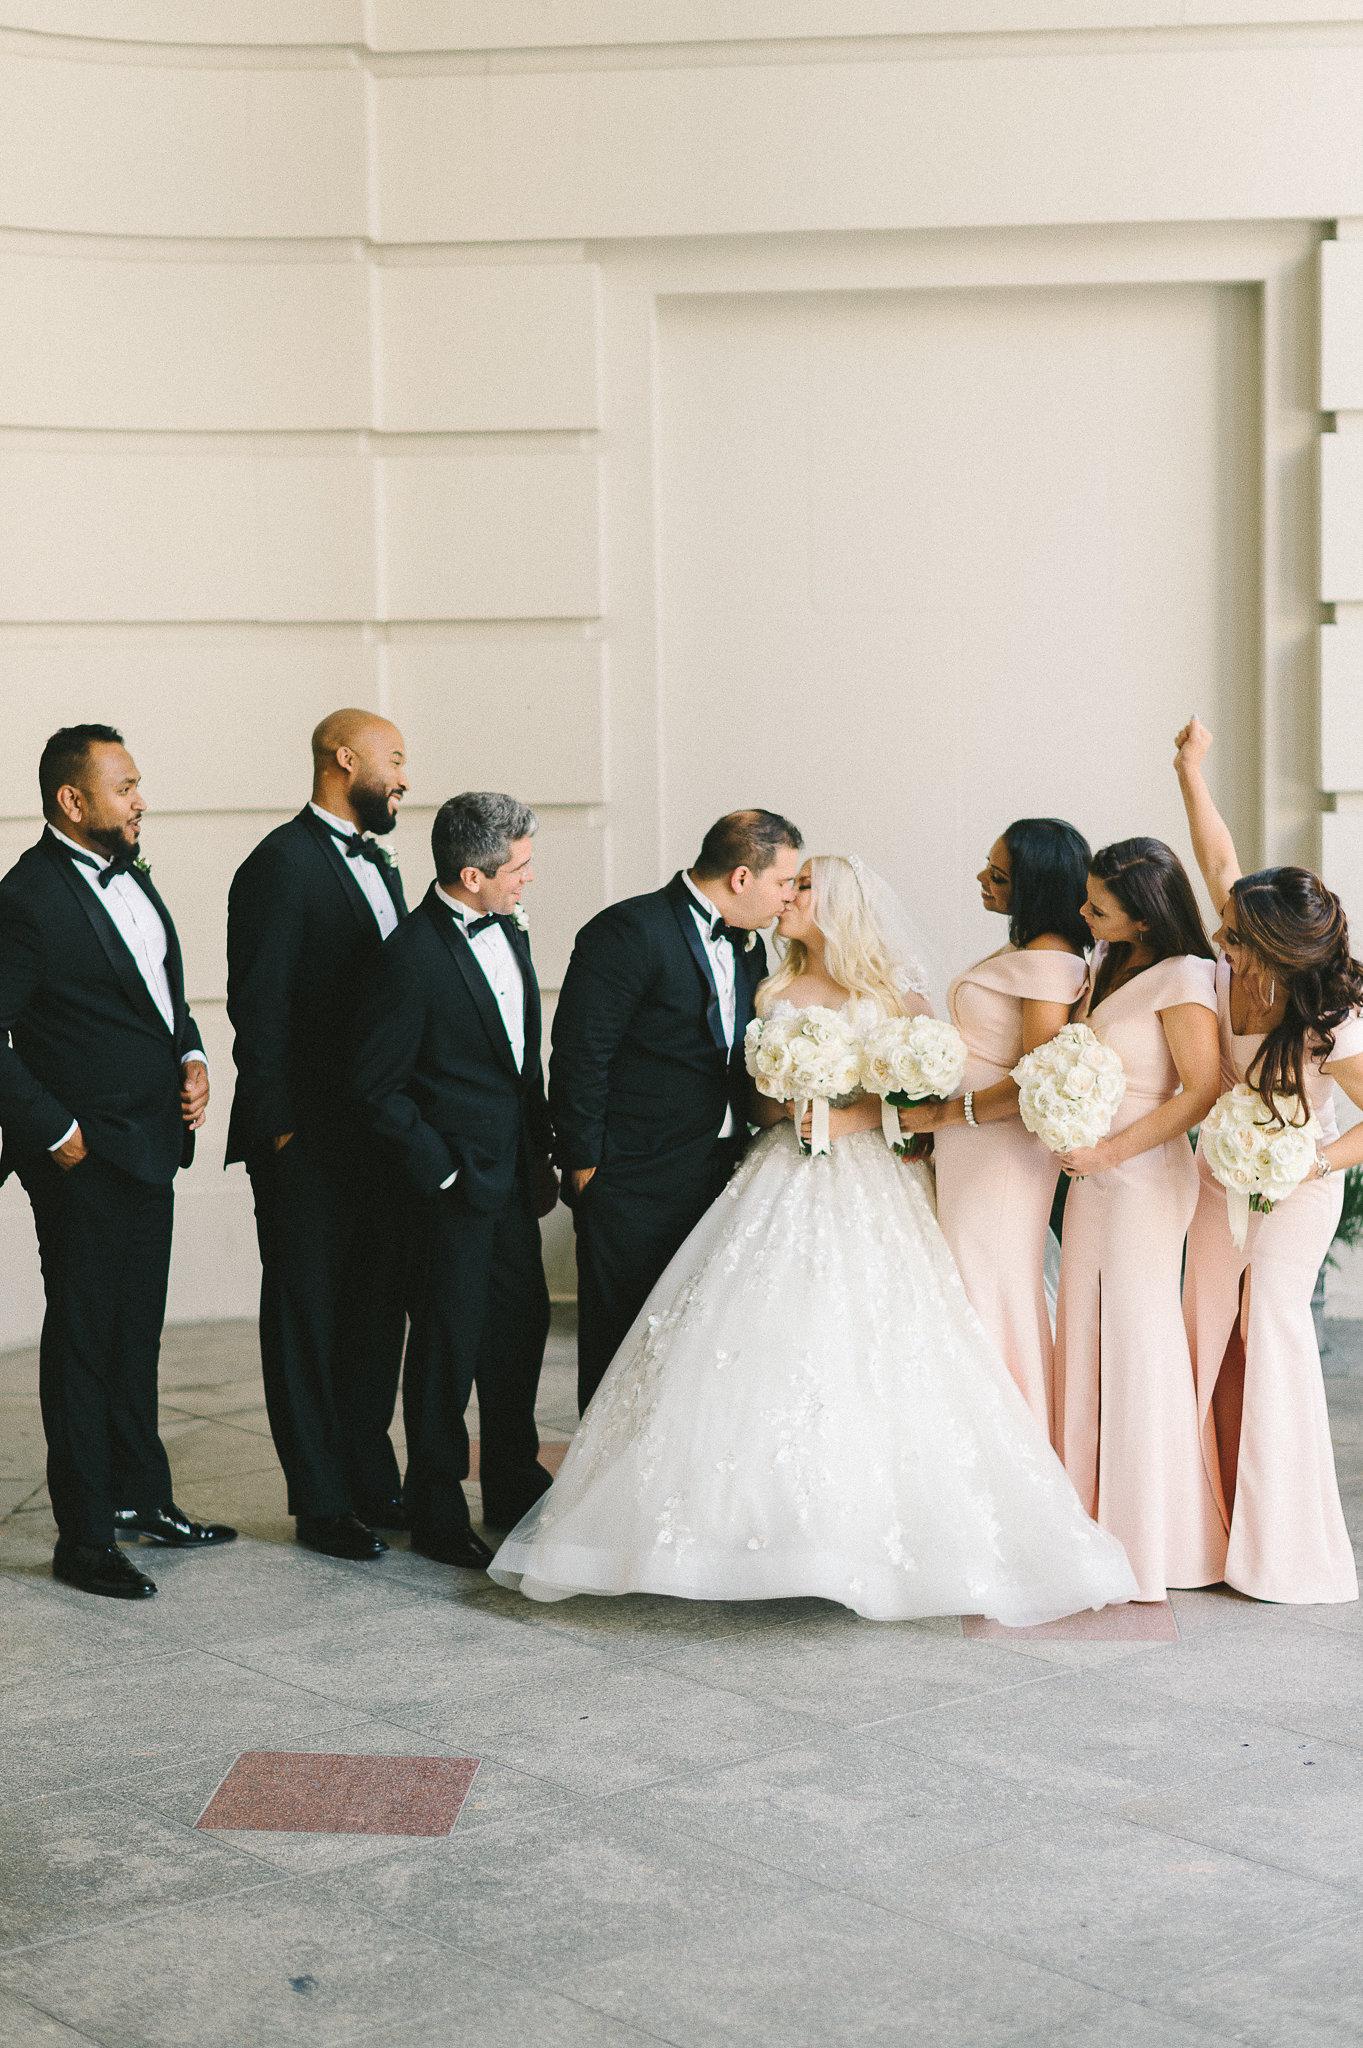 Elizabeth-Fogarty-Wedding-Photography-102.jpg